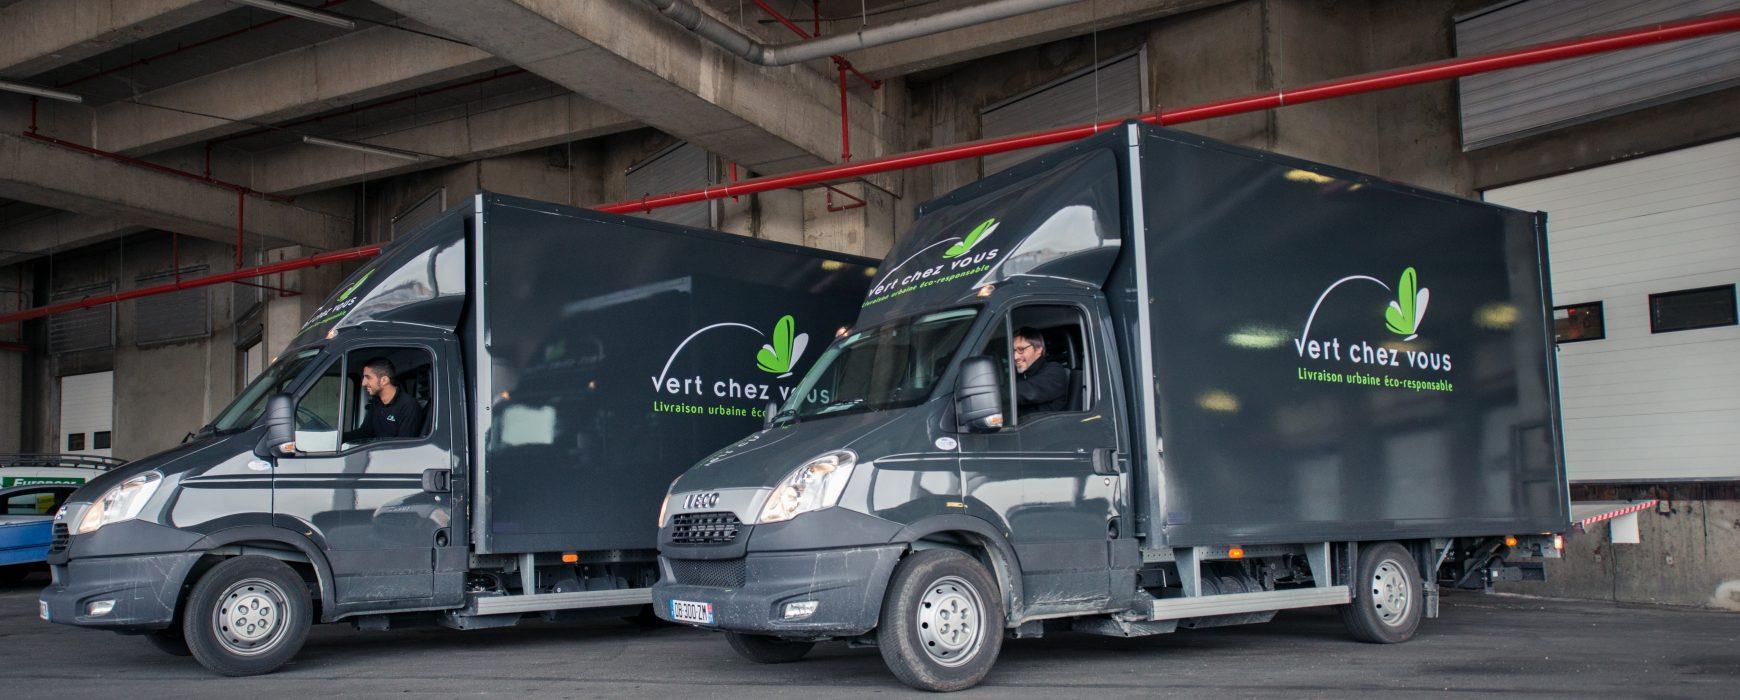 Labatut Group et Sogaris s'associent en faveur d'une logistique urbaine propre dans le Grand Paris